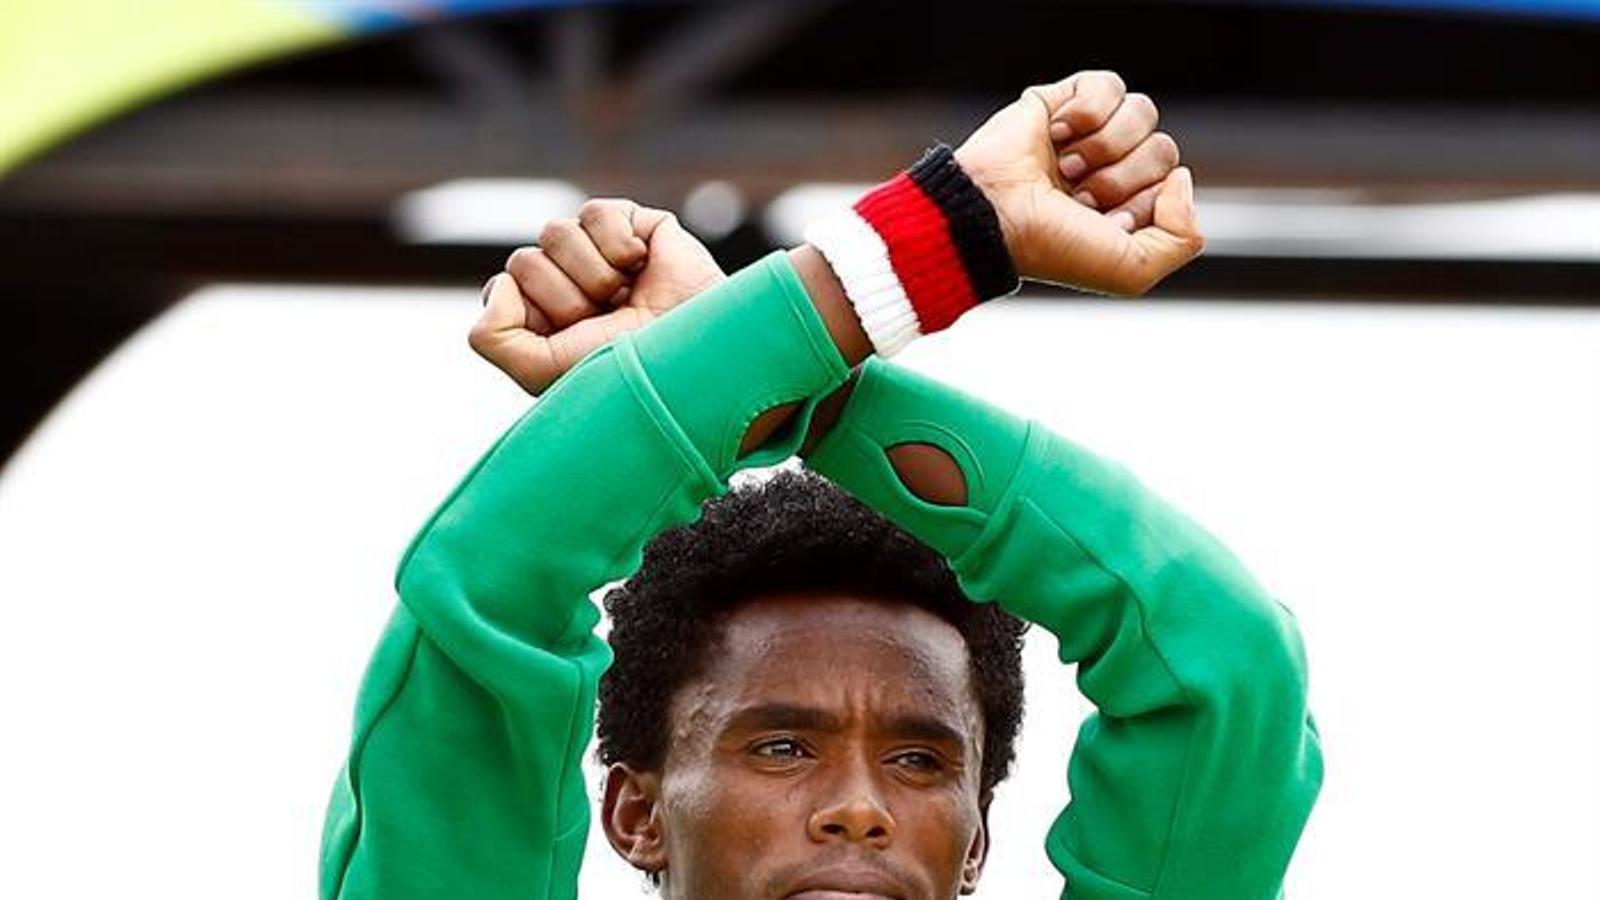 El gest política de l'etiop Lilesa / EFE